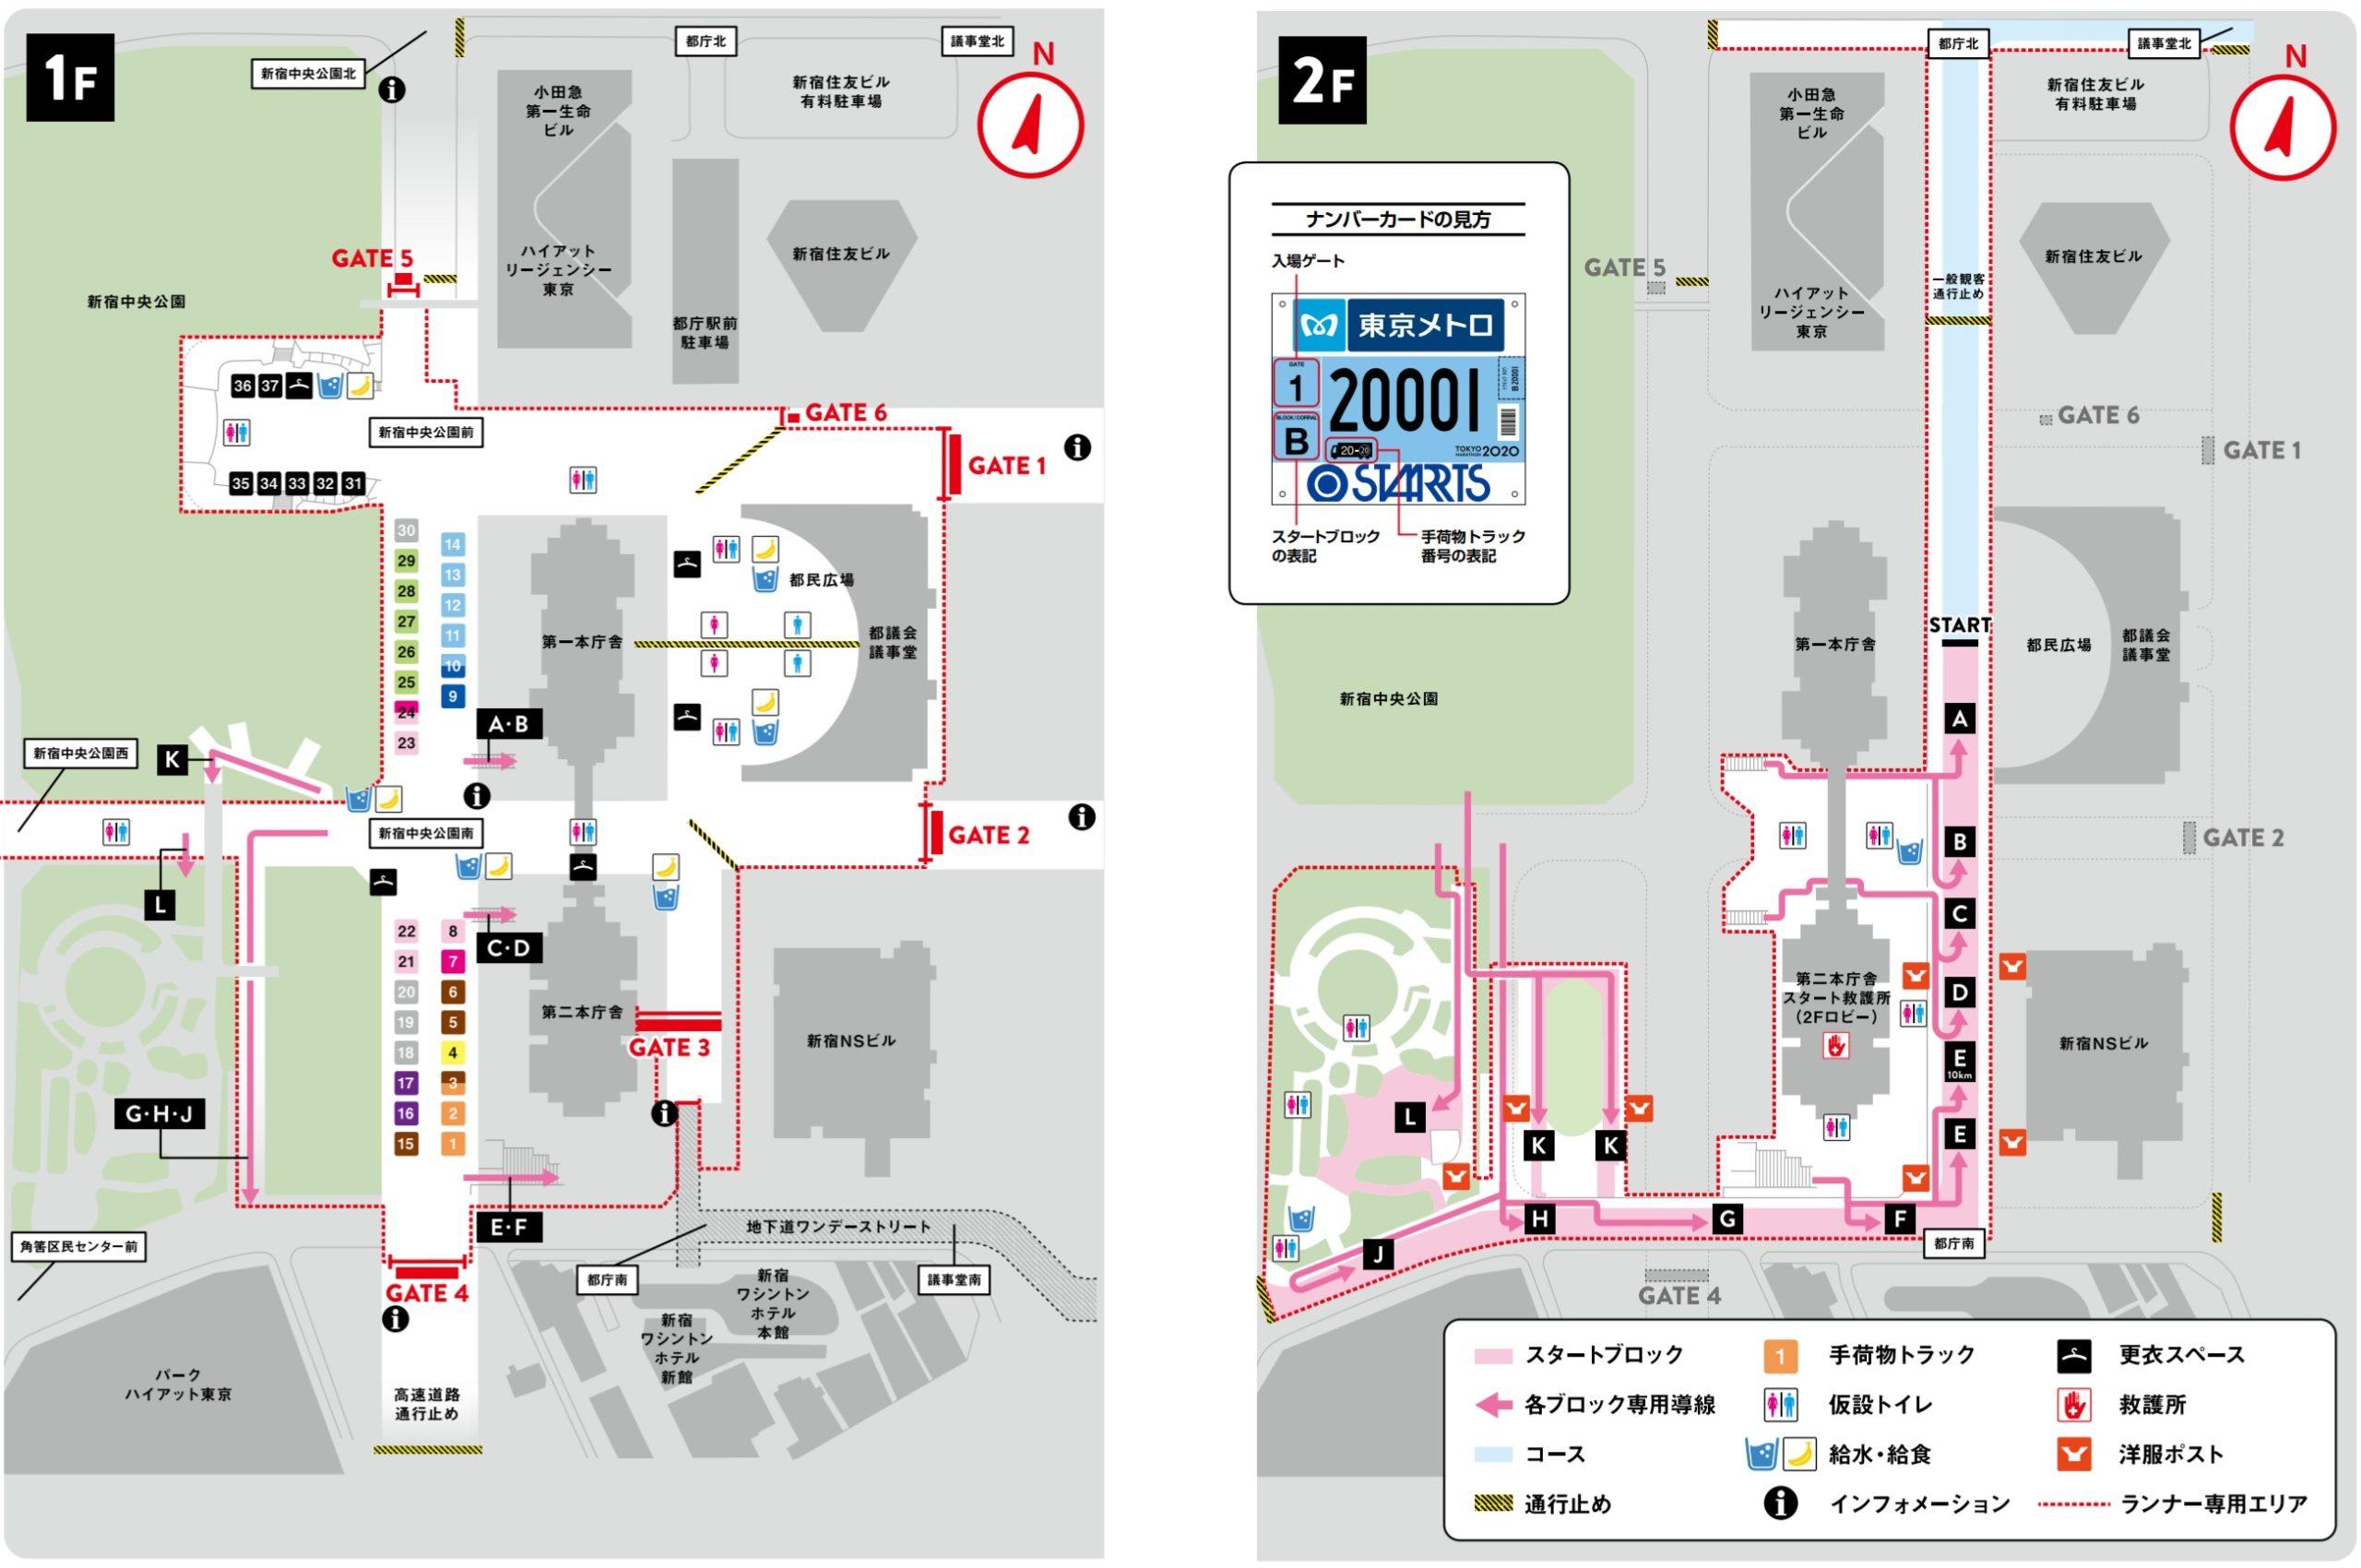 東京マラソンスタートエリアマップ(1階)とスタートブロックとスタートラインマップ(2階)